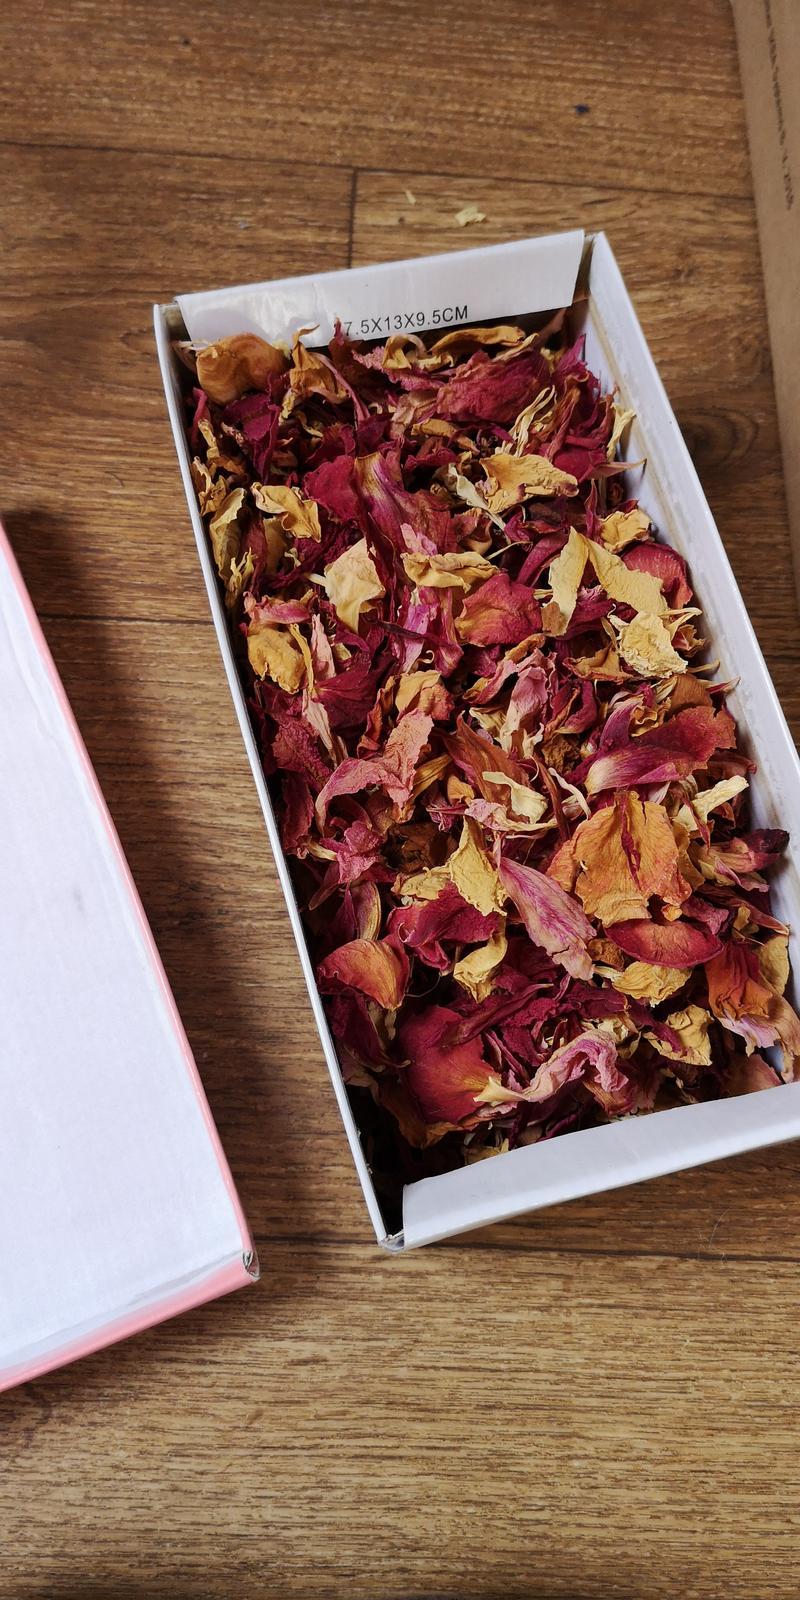 Sušené plátky růží a pivonek - Obrázek č. 1